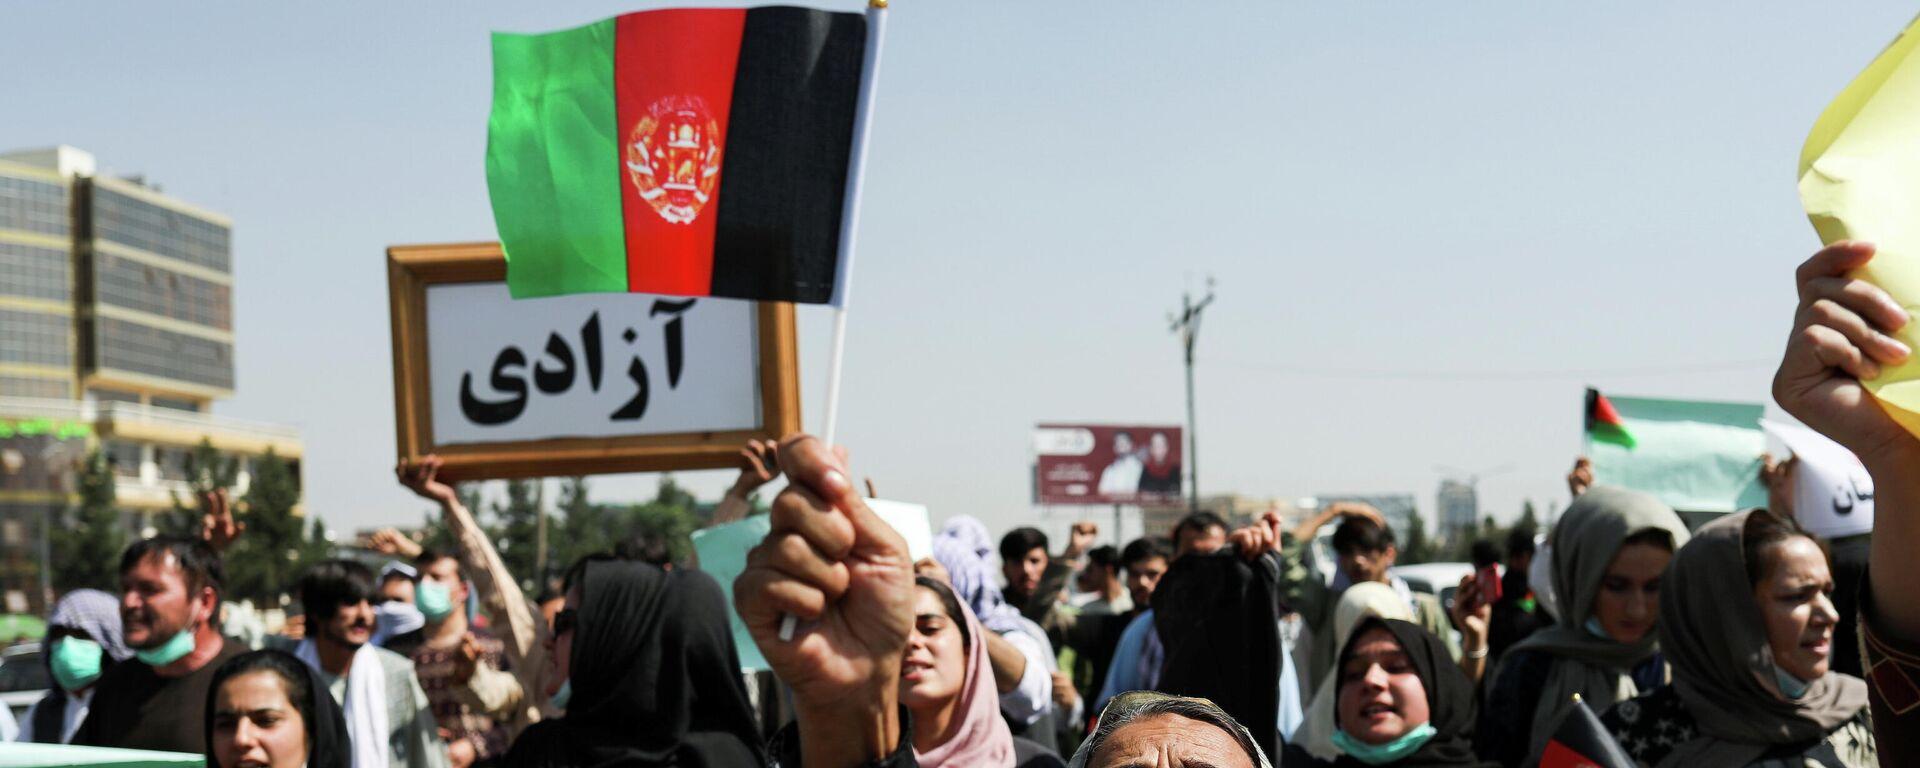 Taliban öncesi Afganistan'ın bayrağıyla Kabil'deki Pakistan karşıtı protestoya katılan kadınlar - Sputnik Türkiye, 1920, 07.09.2021